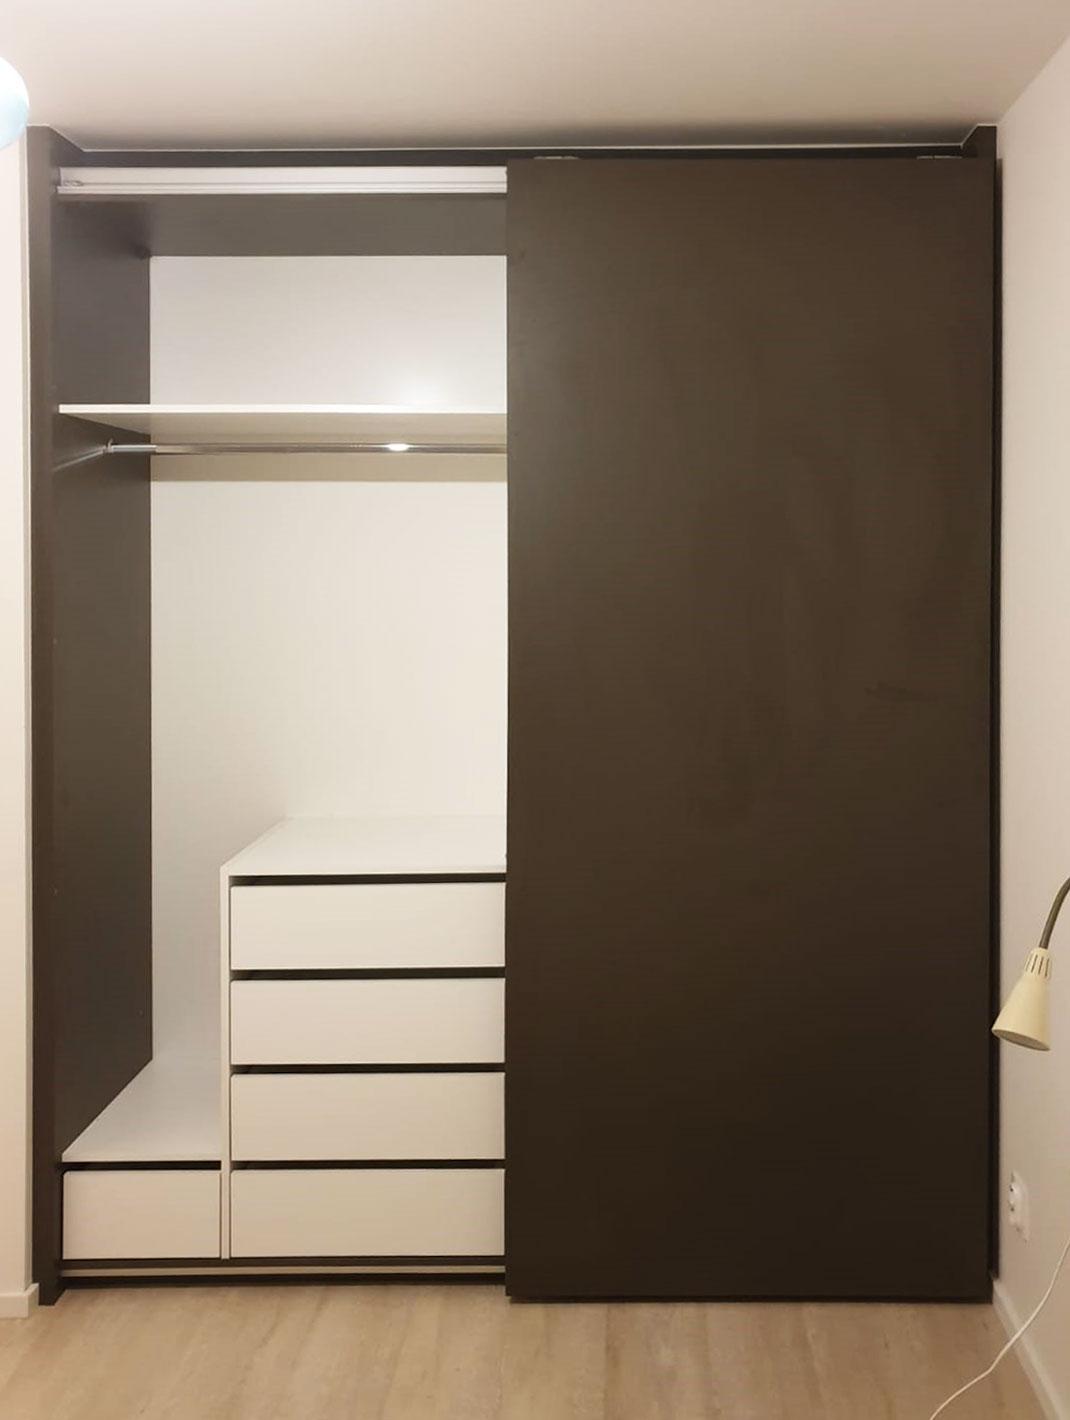 Otevřená vestavěná skříň s bezrámovým pojezdem dveří s bílým interierem